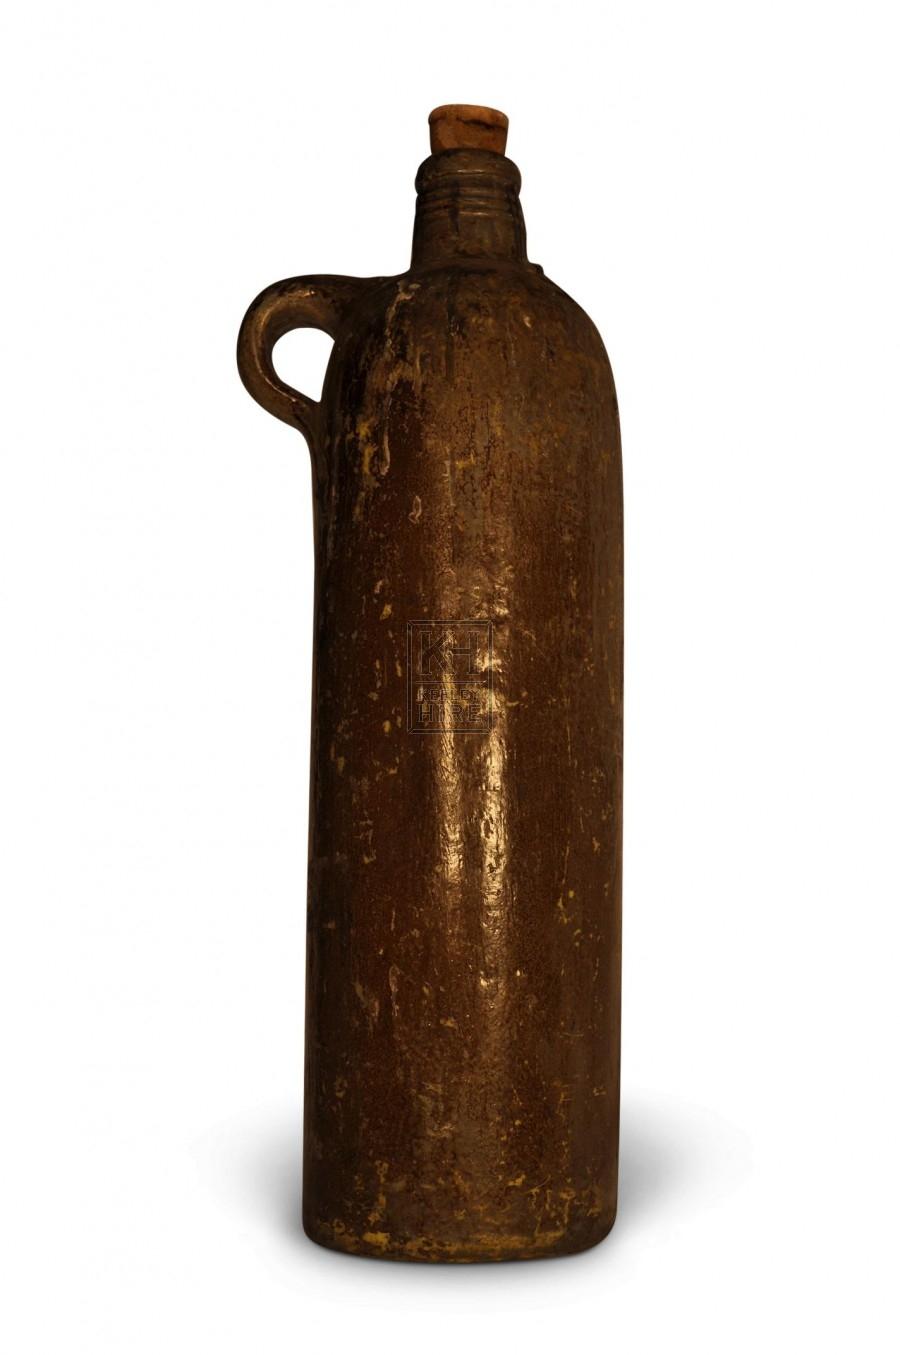 Stoneware Gin bottles